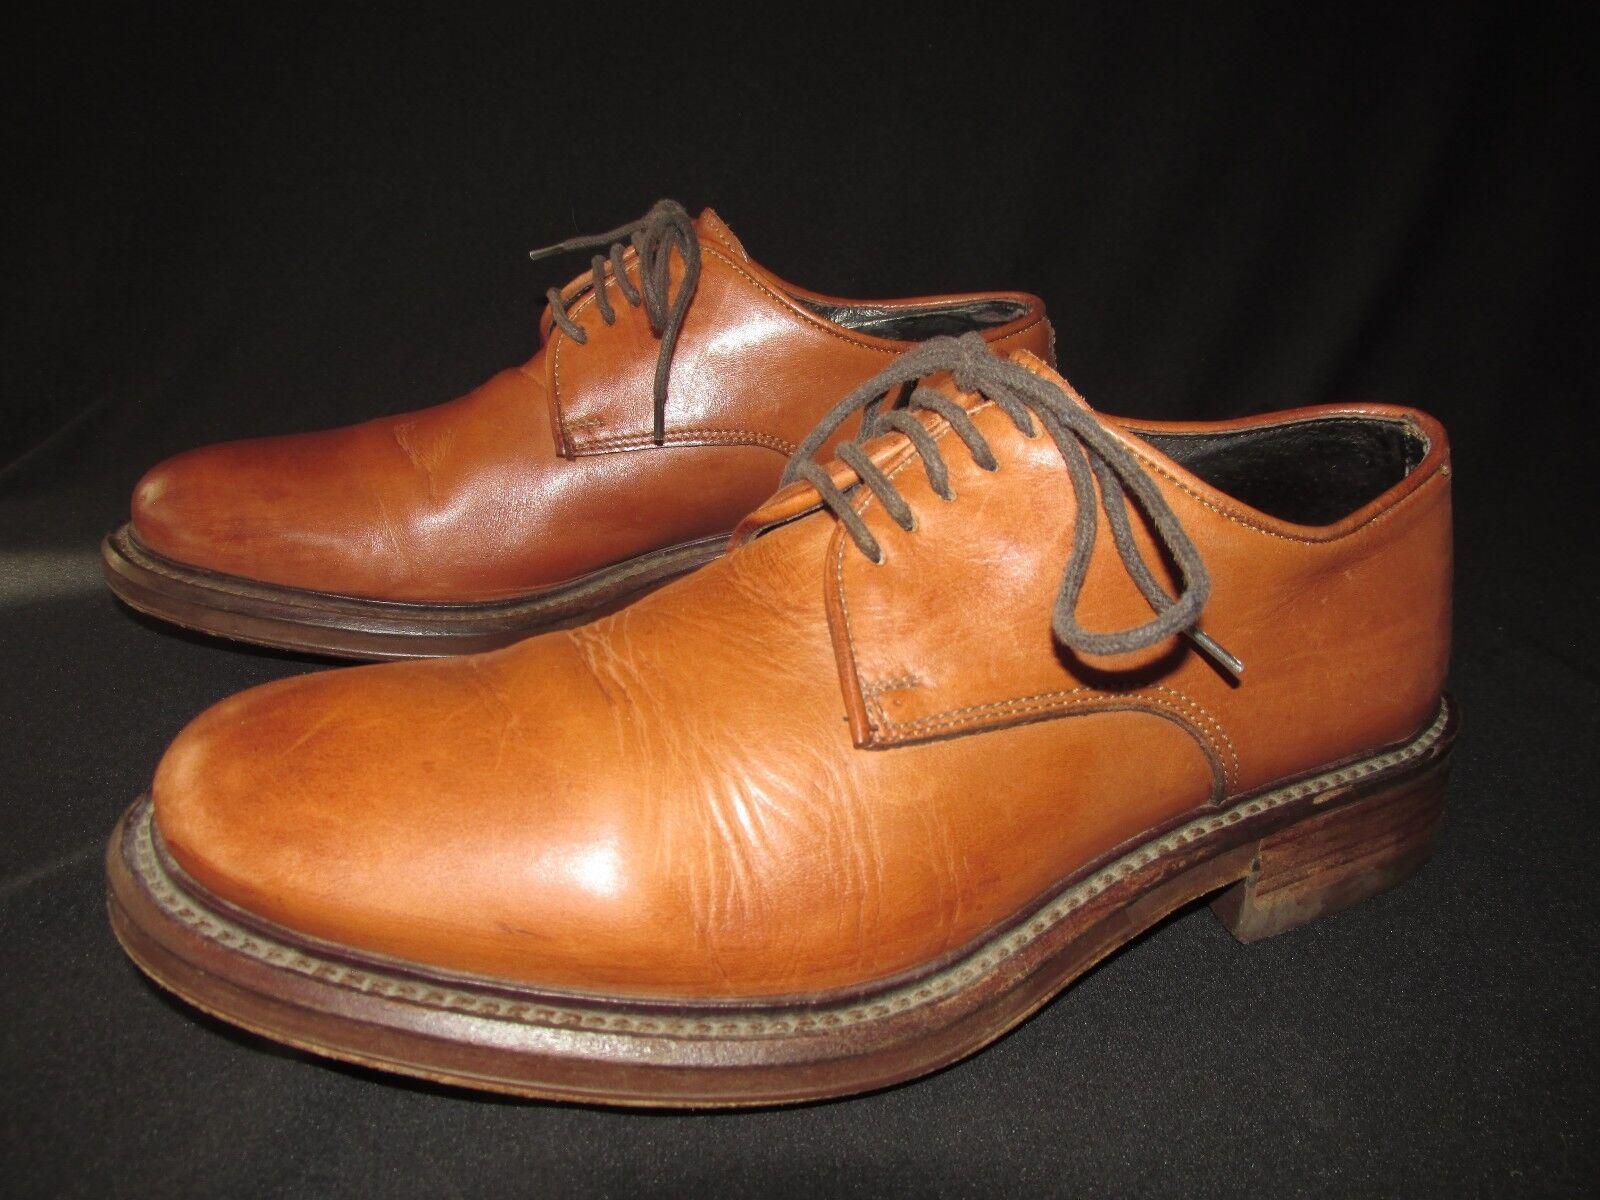 Fred de la Bretoniere Saddle Whisky Leather Oxfords shoes Men's EUR 41